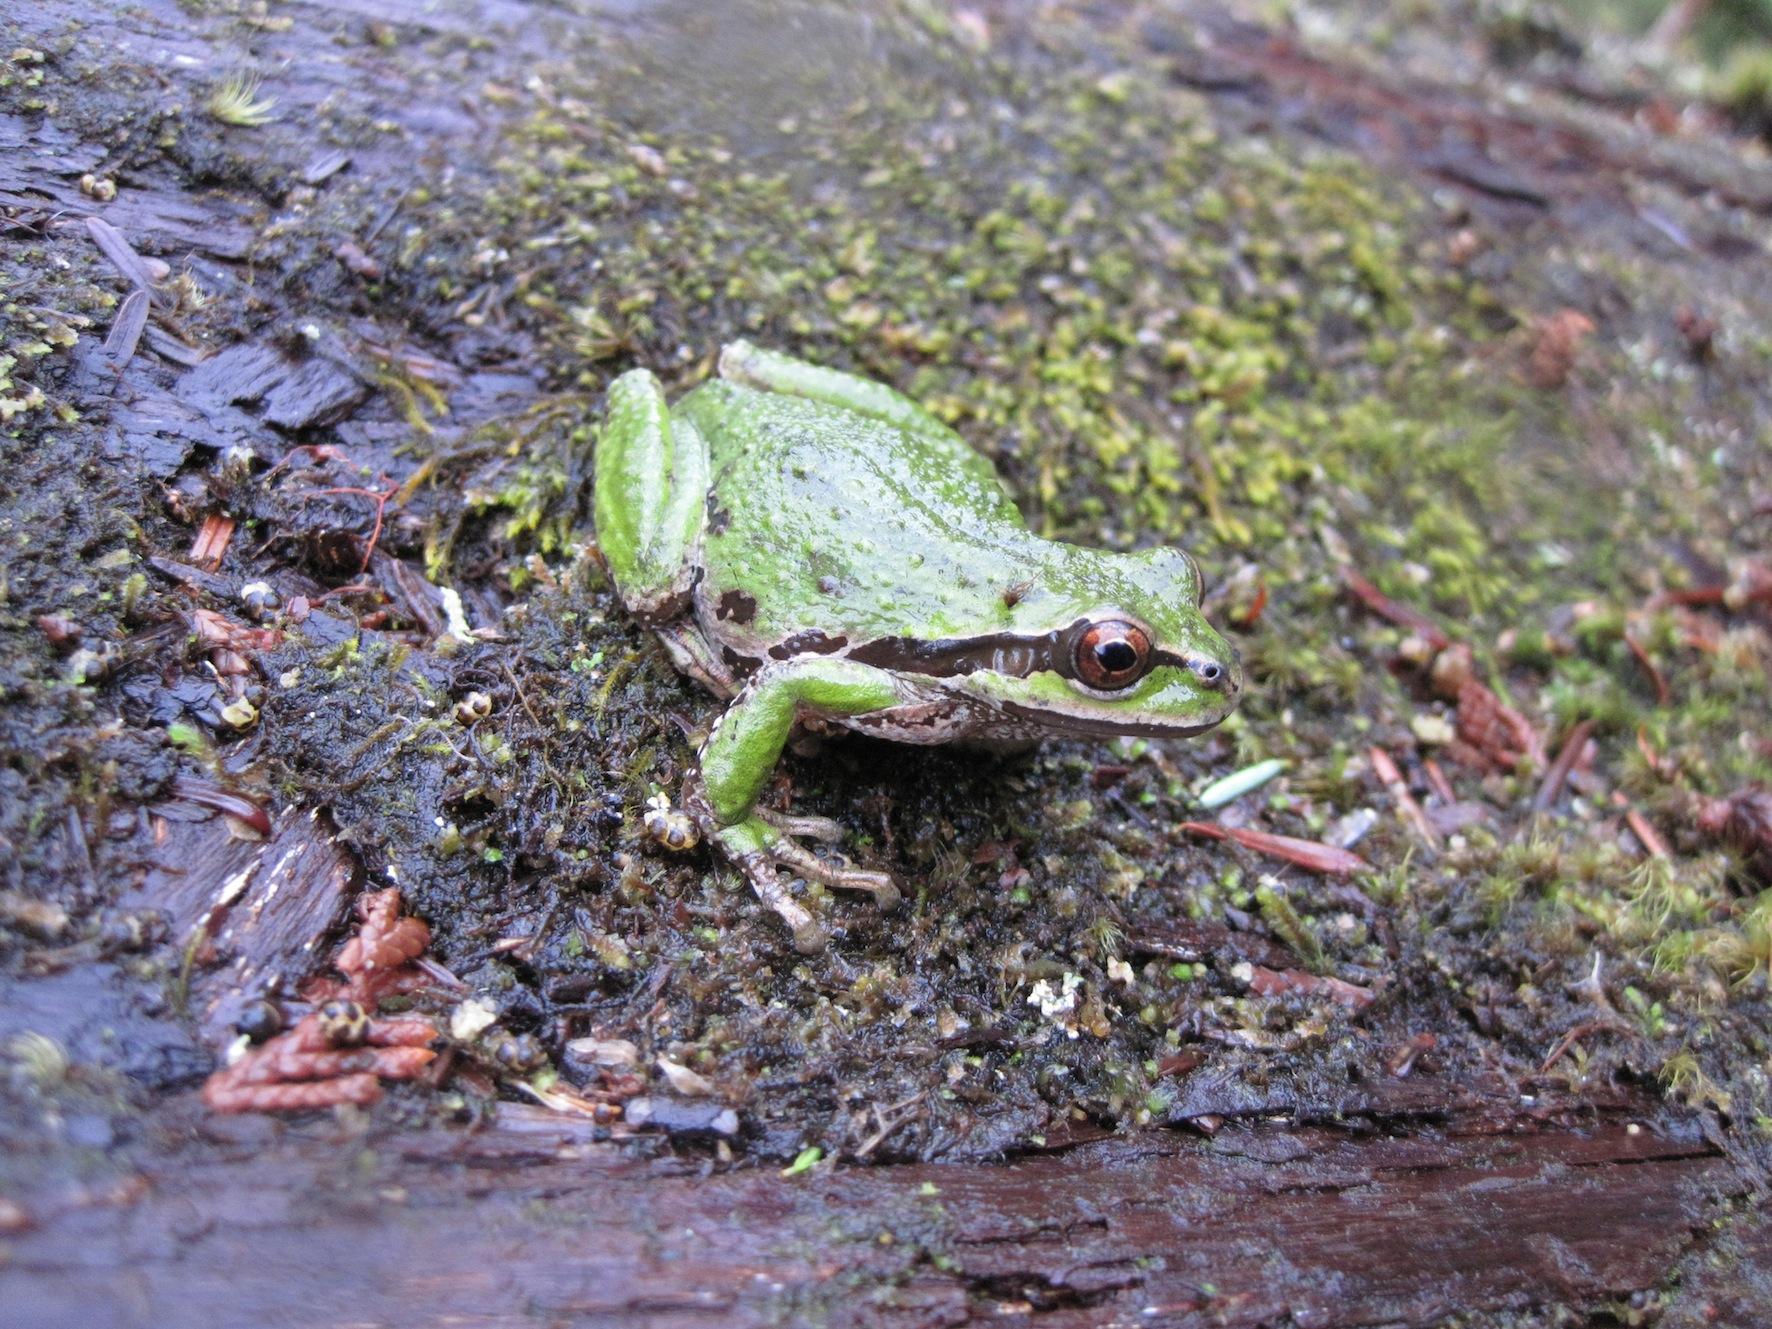 Features13_Amphibians5